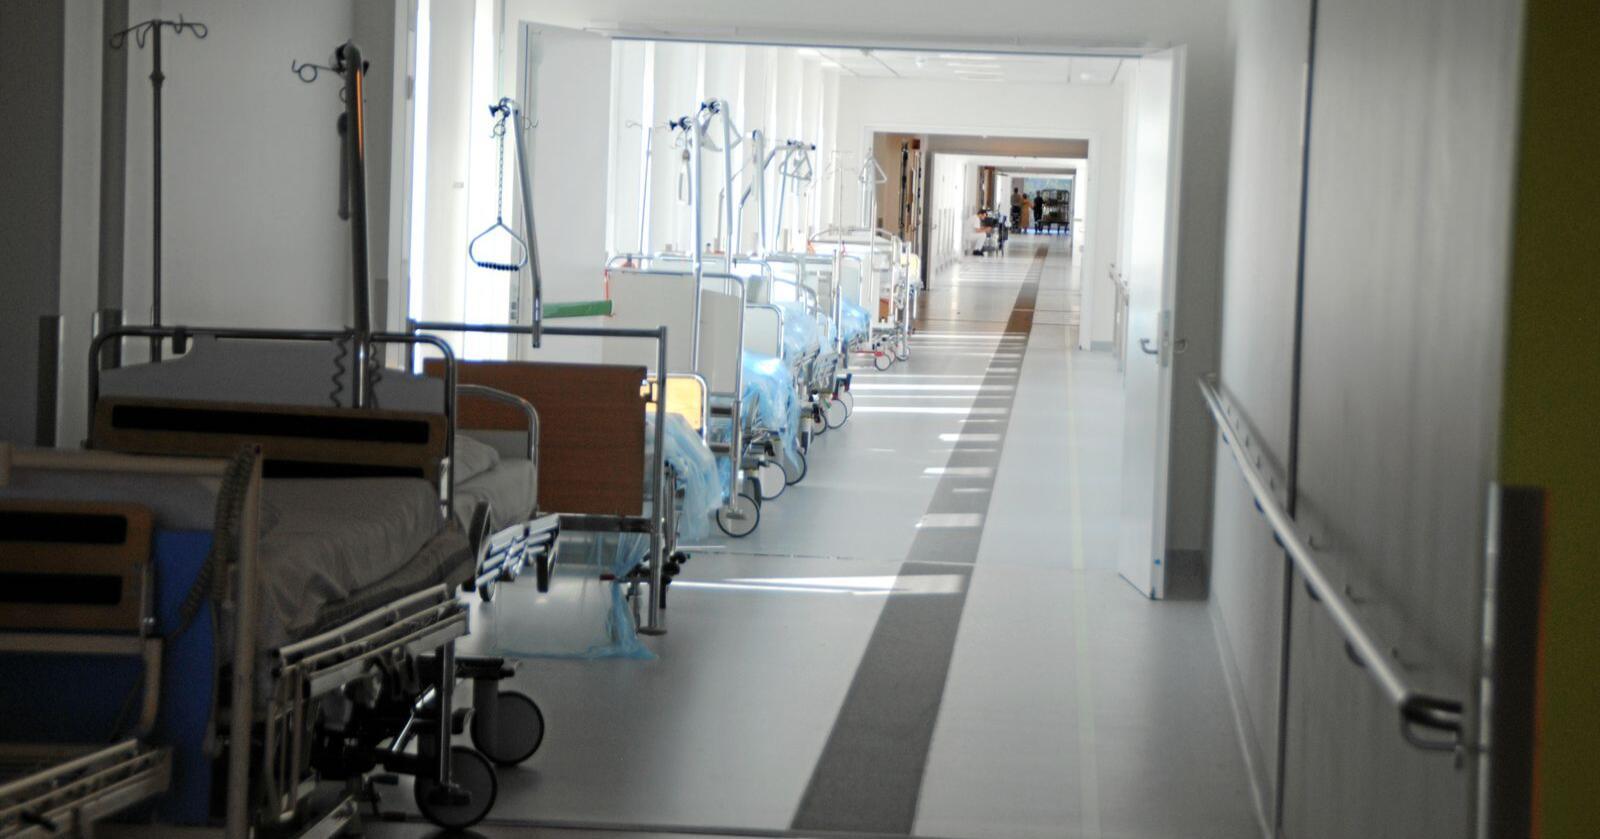 Sprengt kapasitet: Sykehuset Østfold Kalnes er for lite, fem år etter at det stod ferdig. Foto: Lars Bilit Hagen